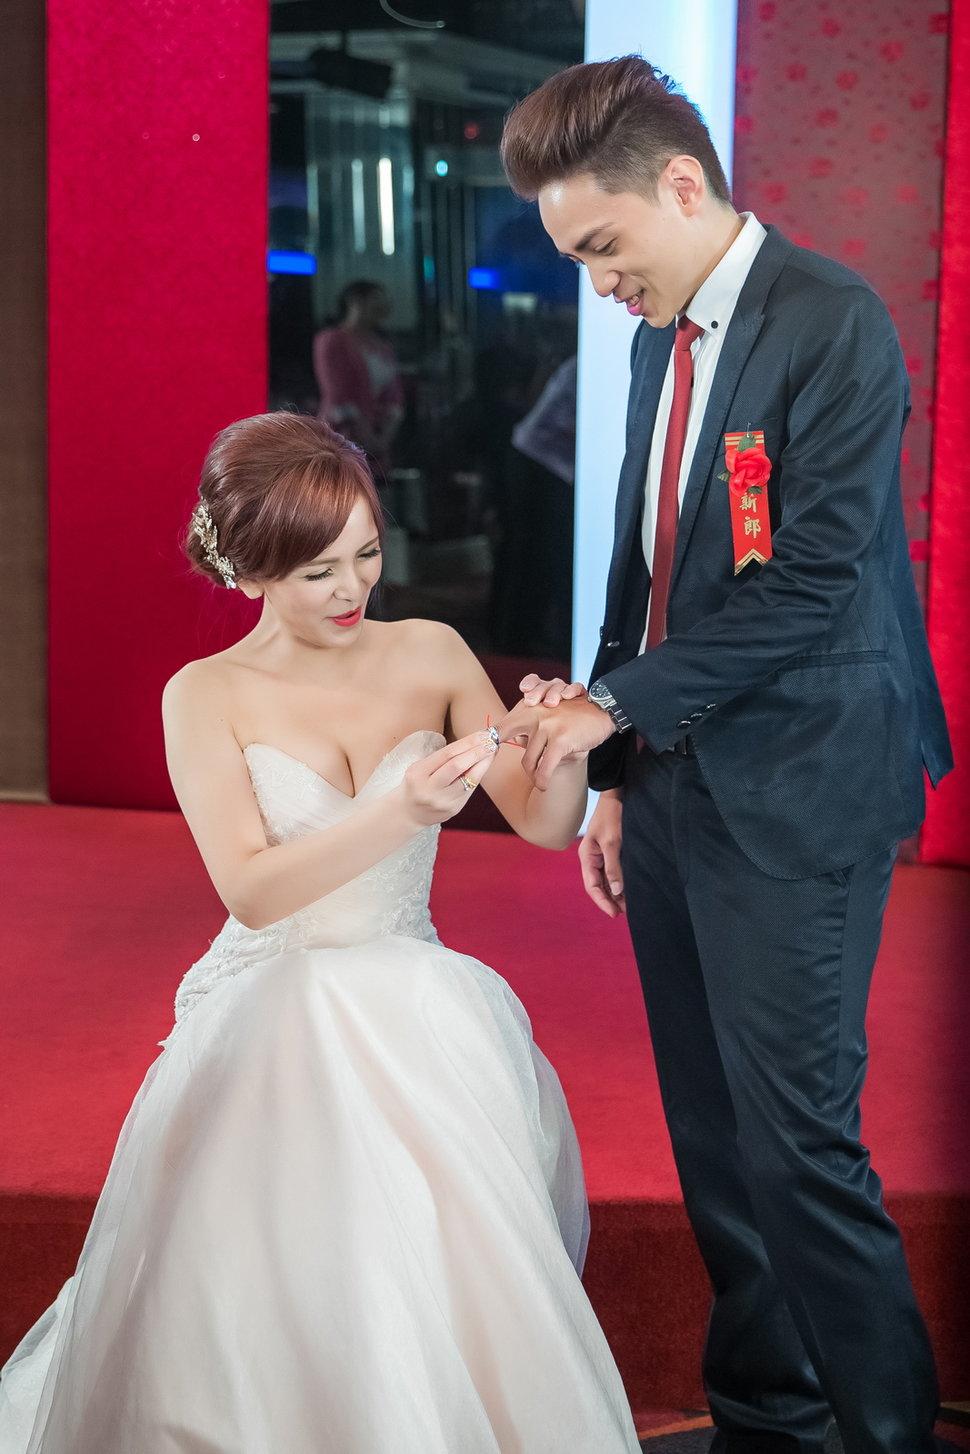 婚禮記錄-中和祥興水漾-婚攝阿卜(編號:433832) - 阿卜的攝影工作室 - 結婚吧